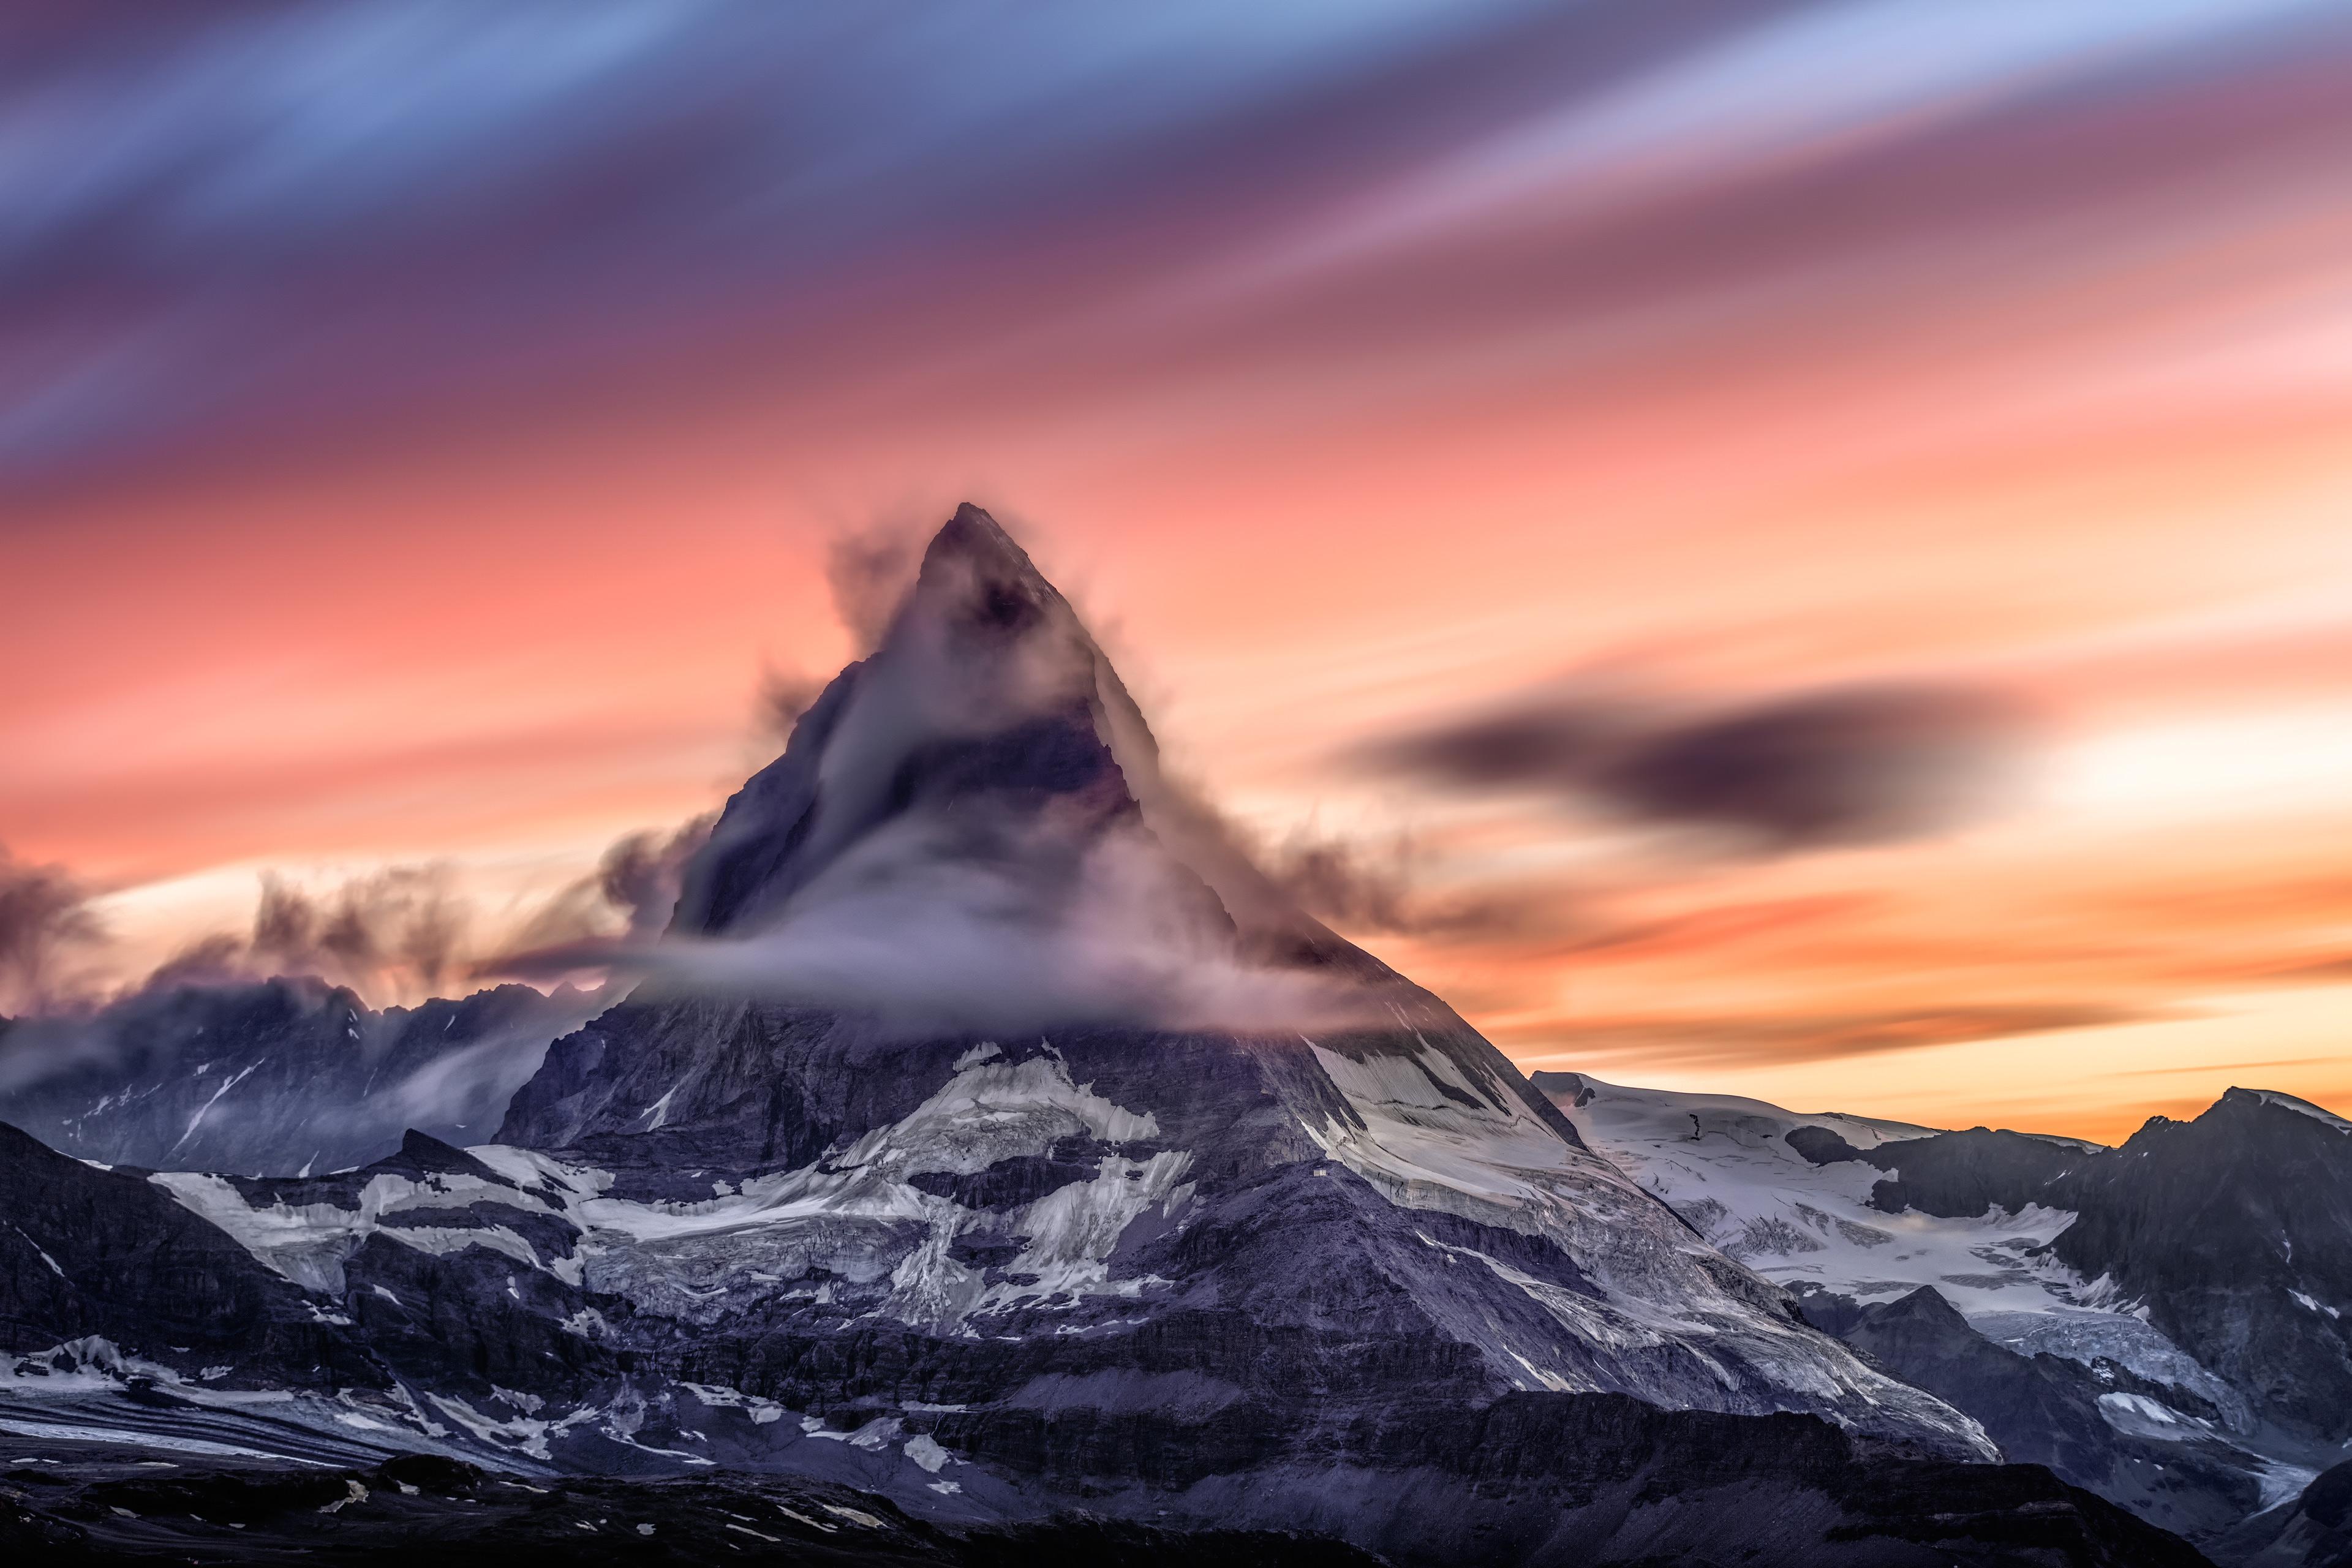 Filematterhorn sunset 2016 unsplashg wikimedia commons filematterhorn sunset 2016 unsplashg stopboris Images